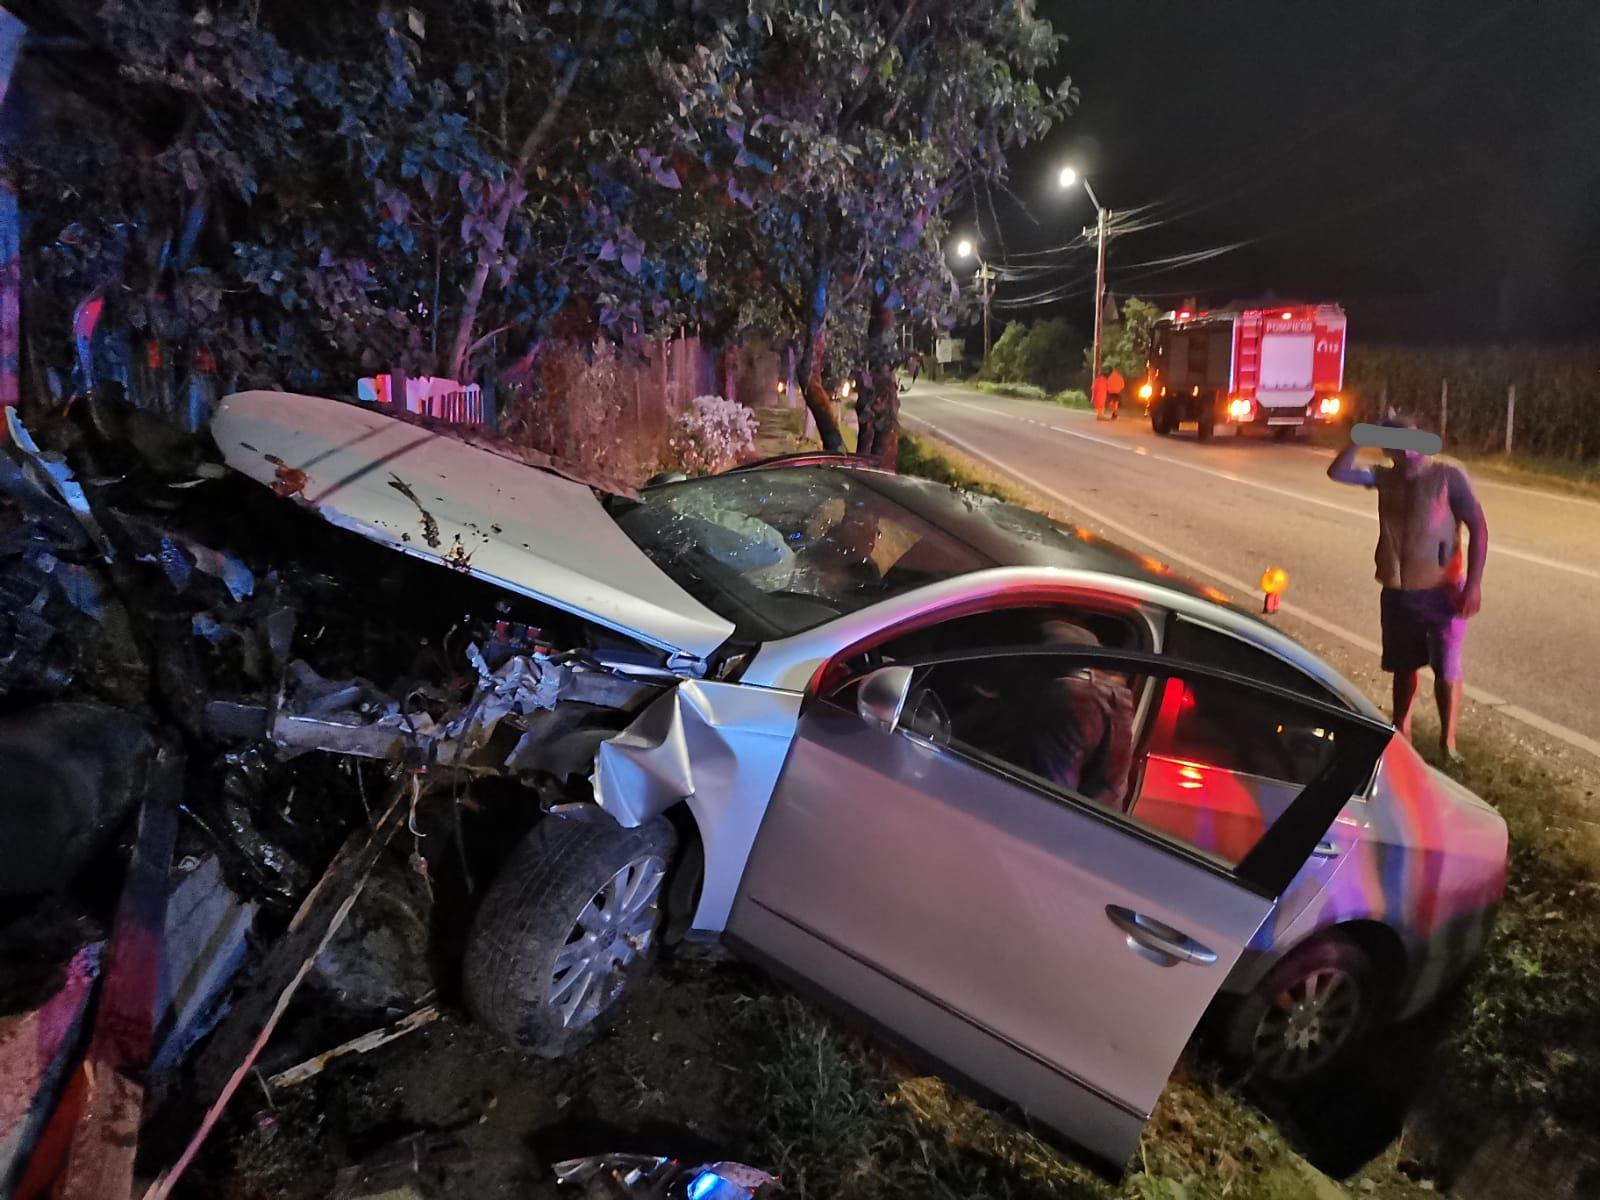 Doi şoferi, ambii cu alcoolemie de peste 0,7 la mie, implicaţi într-un accident pe DN 15A